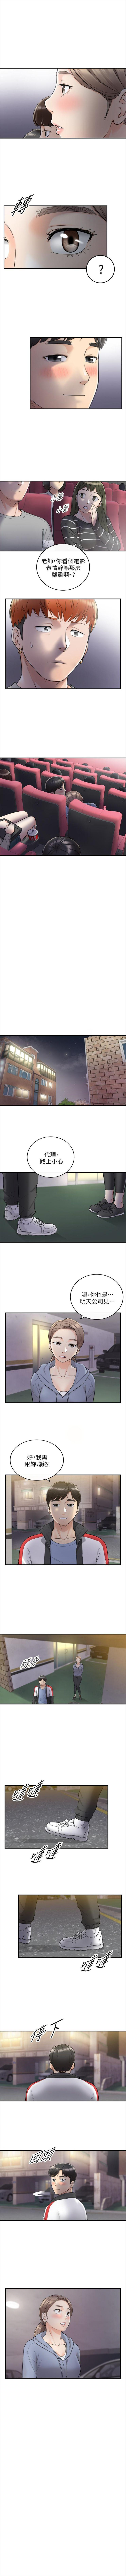 (週5)正妹小主管 1-39 中文翻譯(更新中) 186